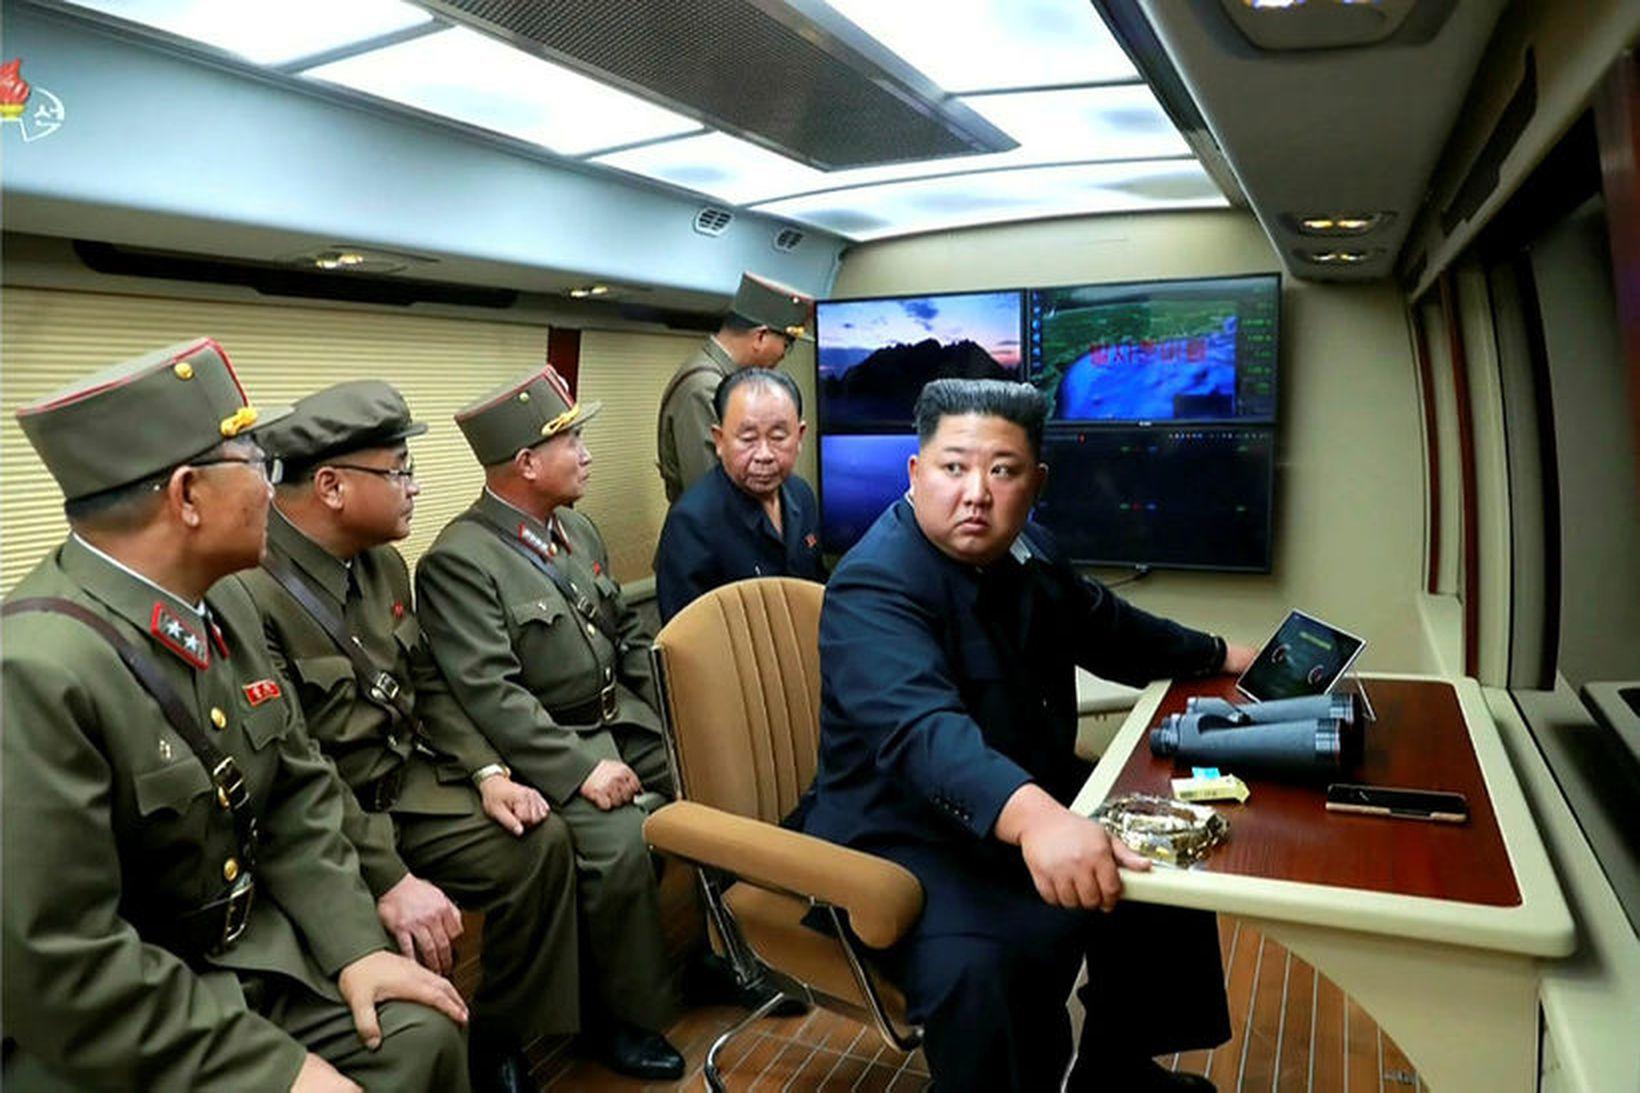 Kim Jong-un, einræðisherra N-Kóreu, var allt annað en sáttur.